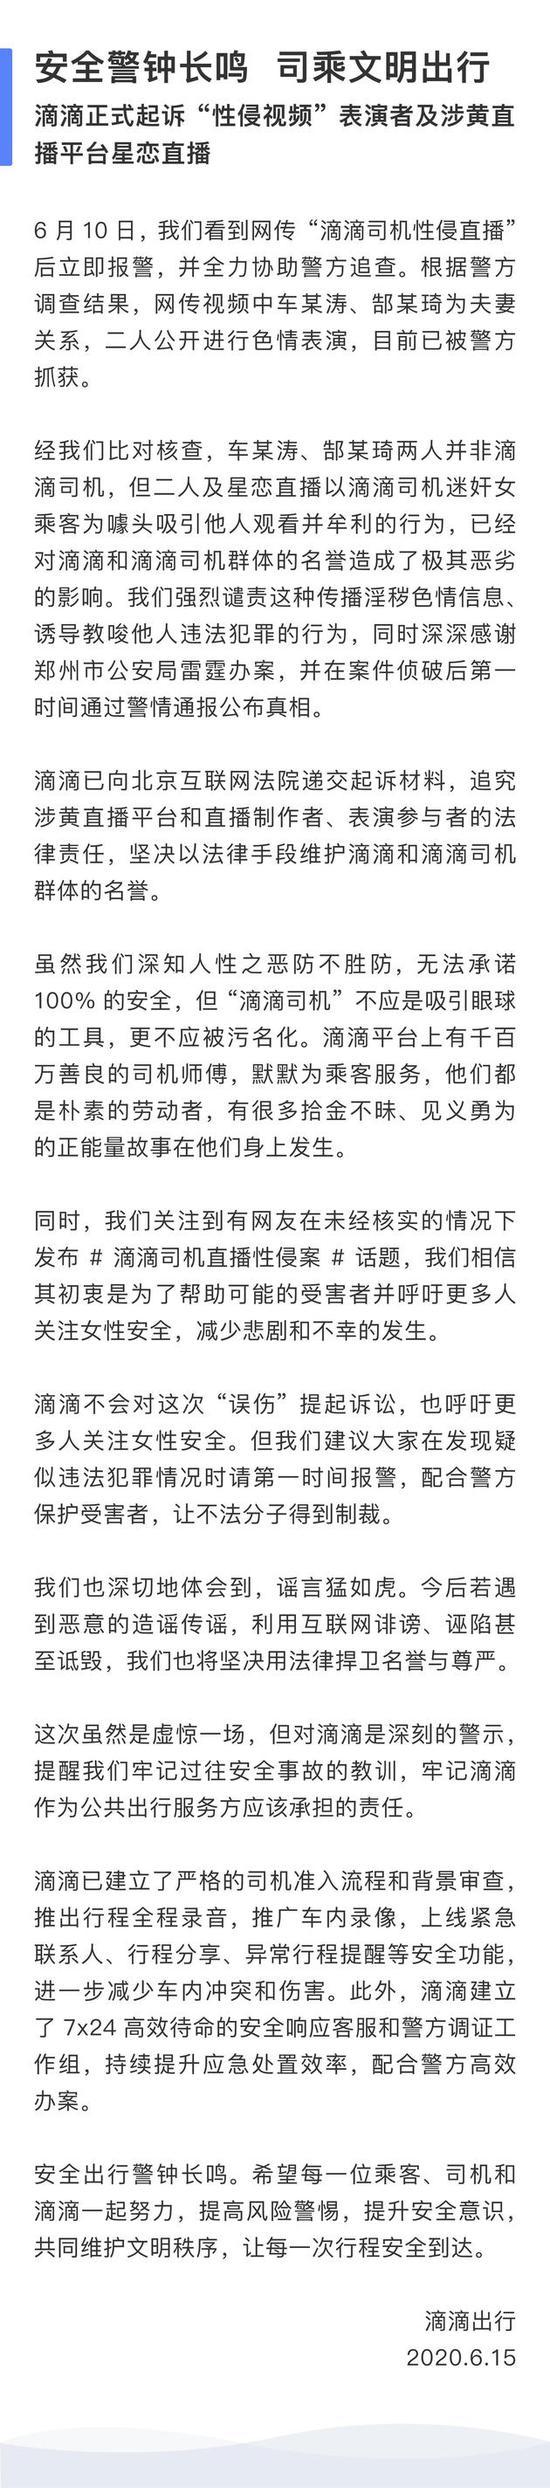 """滴滴正式起诉""""性侵视频""""表演者及涉黄平台星恋直播"""